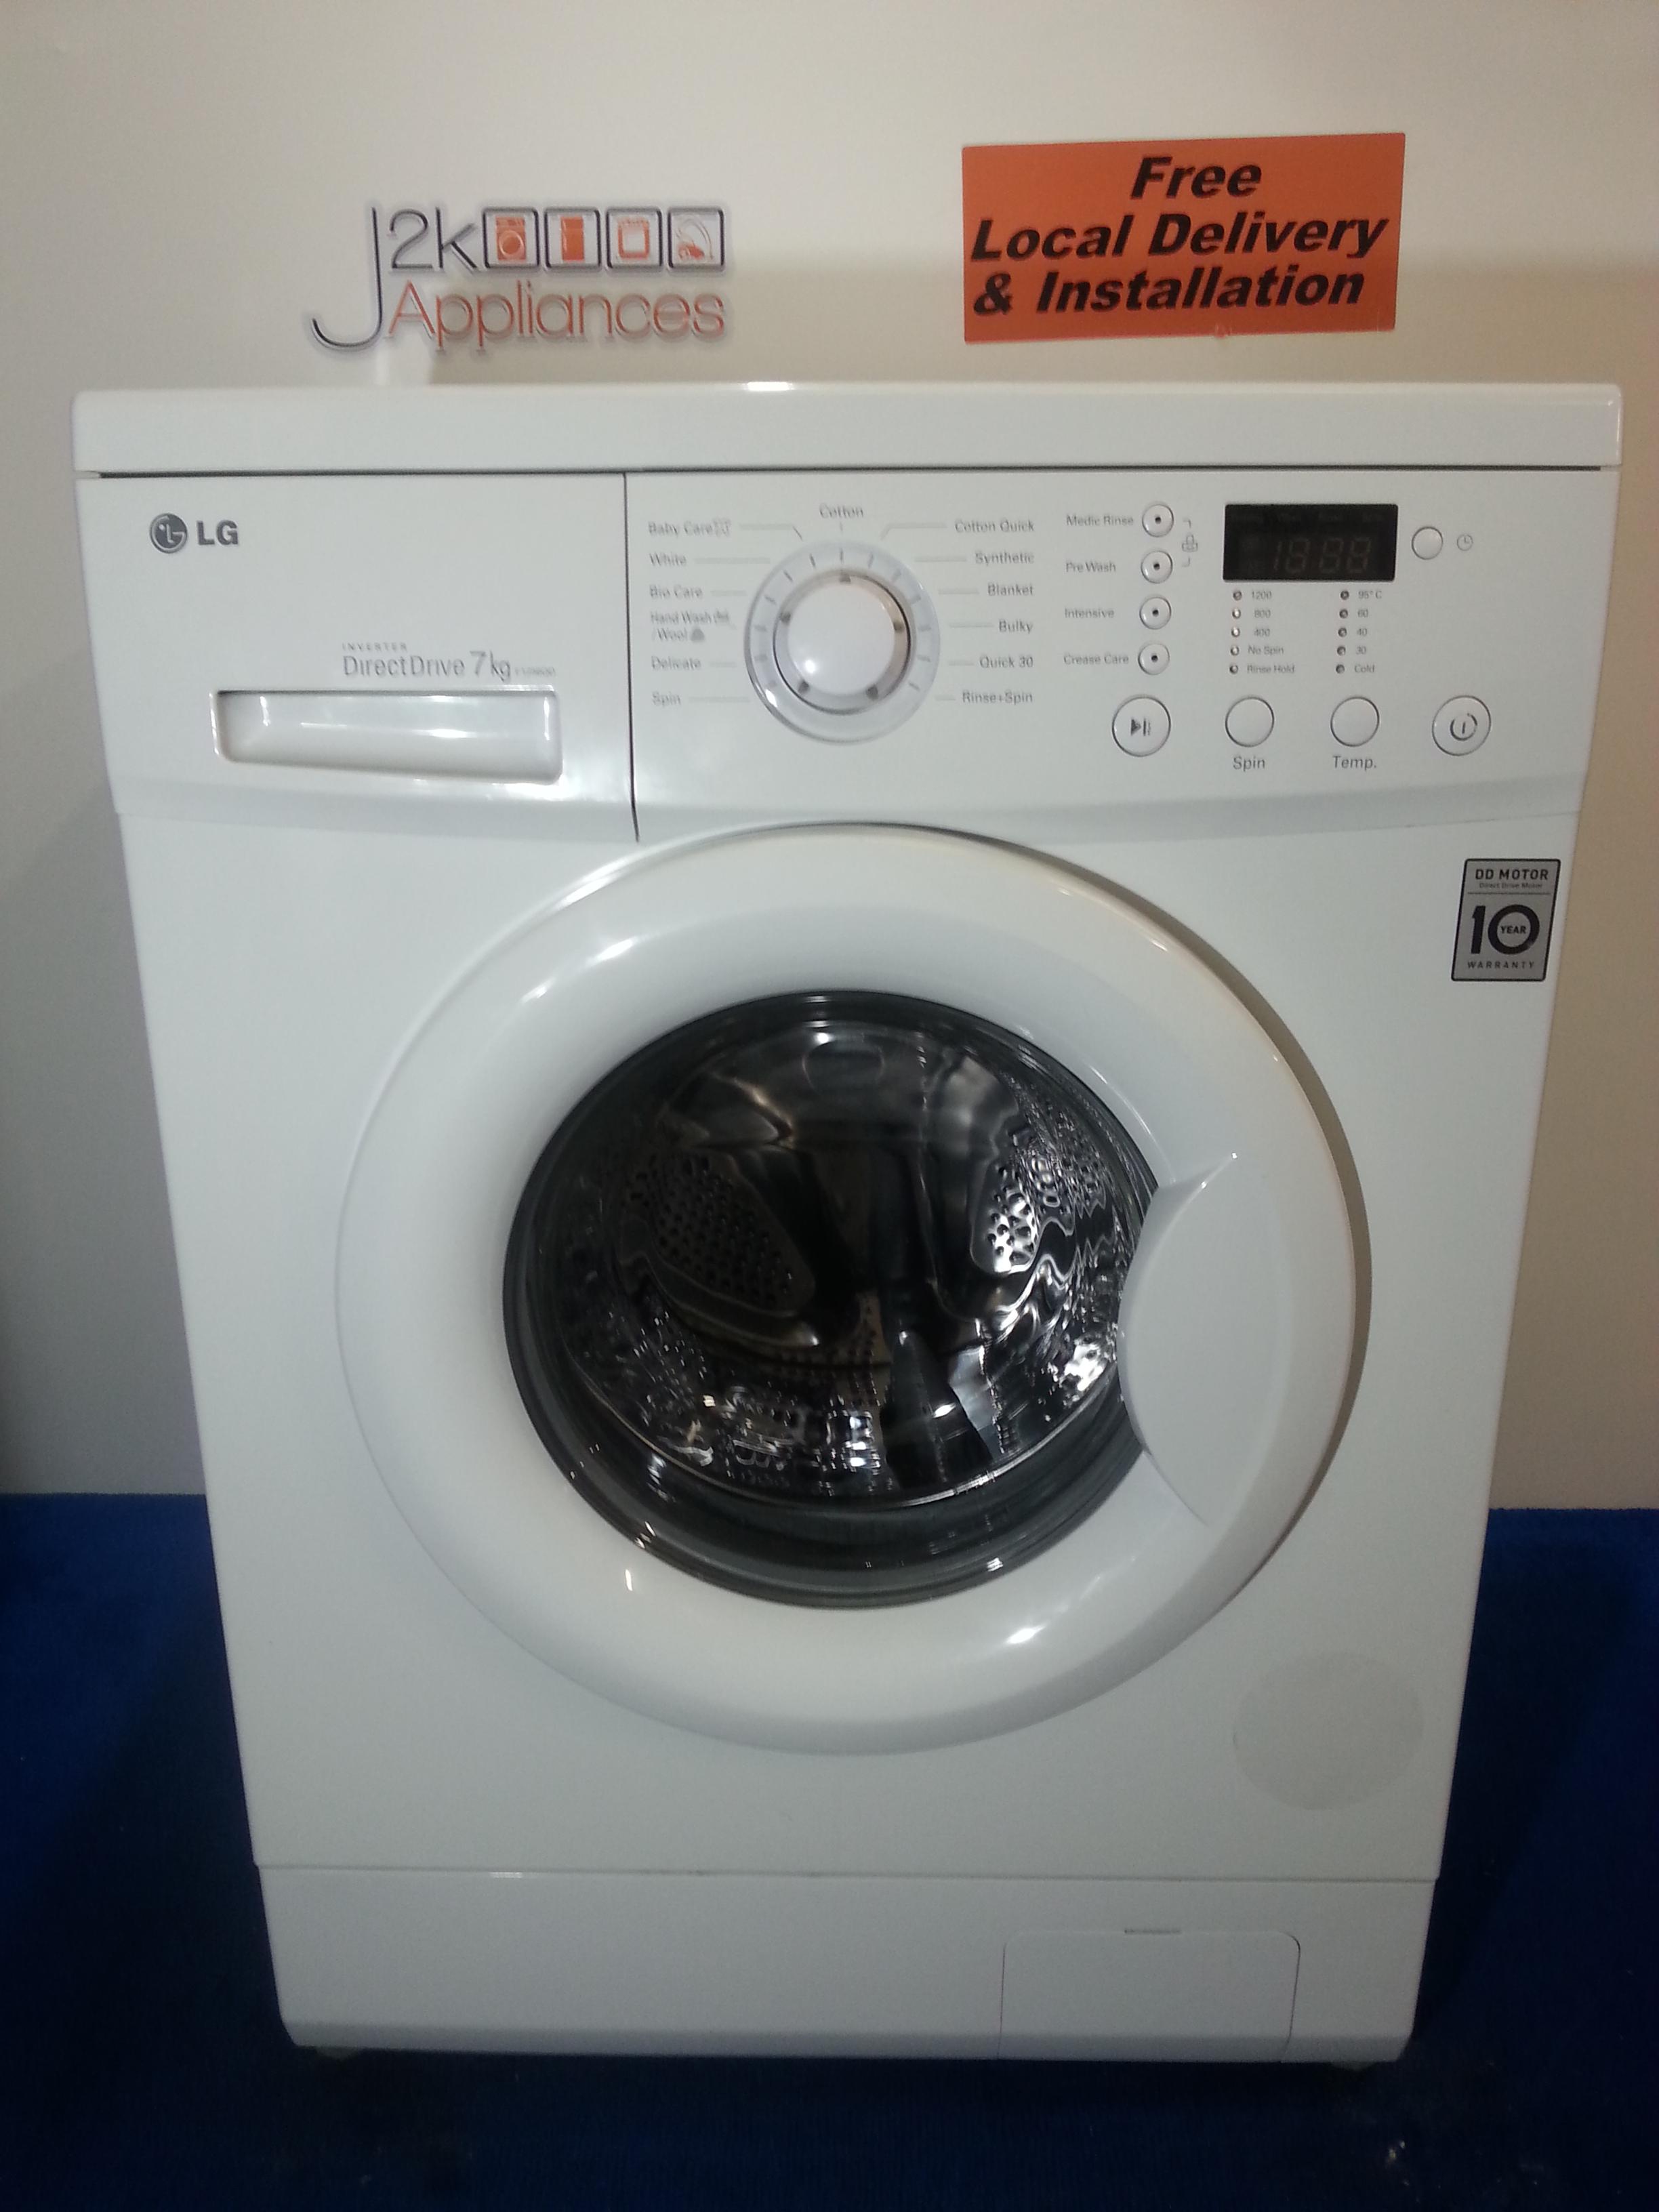 wm056 lg direct drive 7kg 1200 spin washing machine j2k appliances. Black Bedroom Furniture Sets. Home Design Ideas